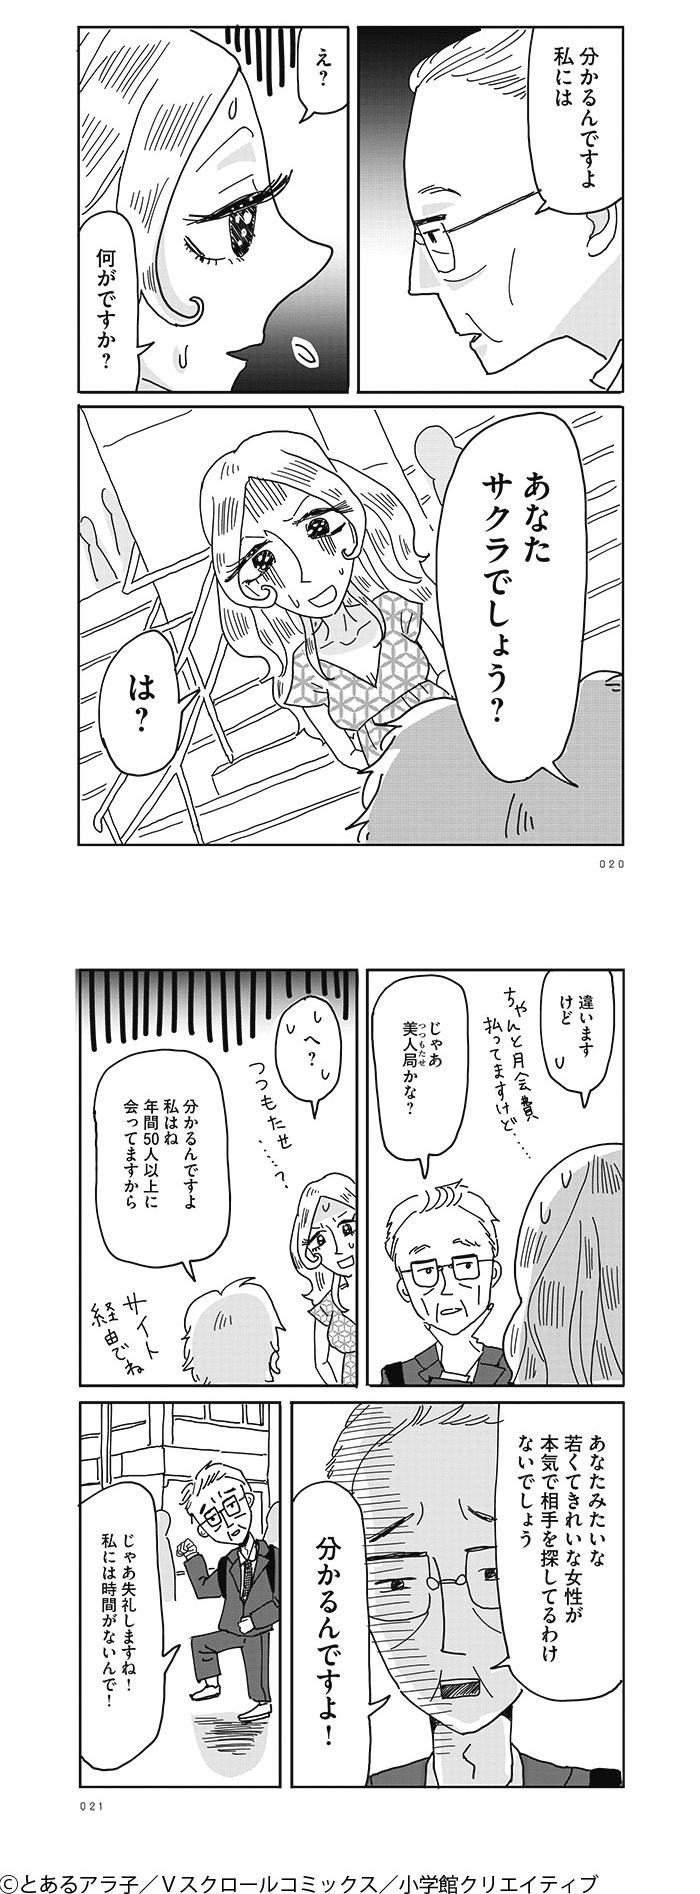 美人婚活漫画1